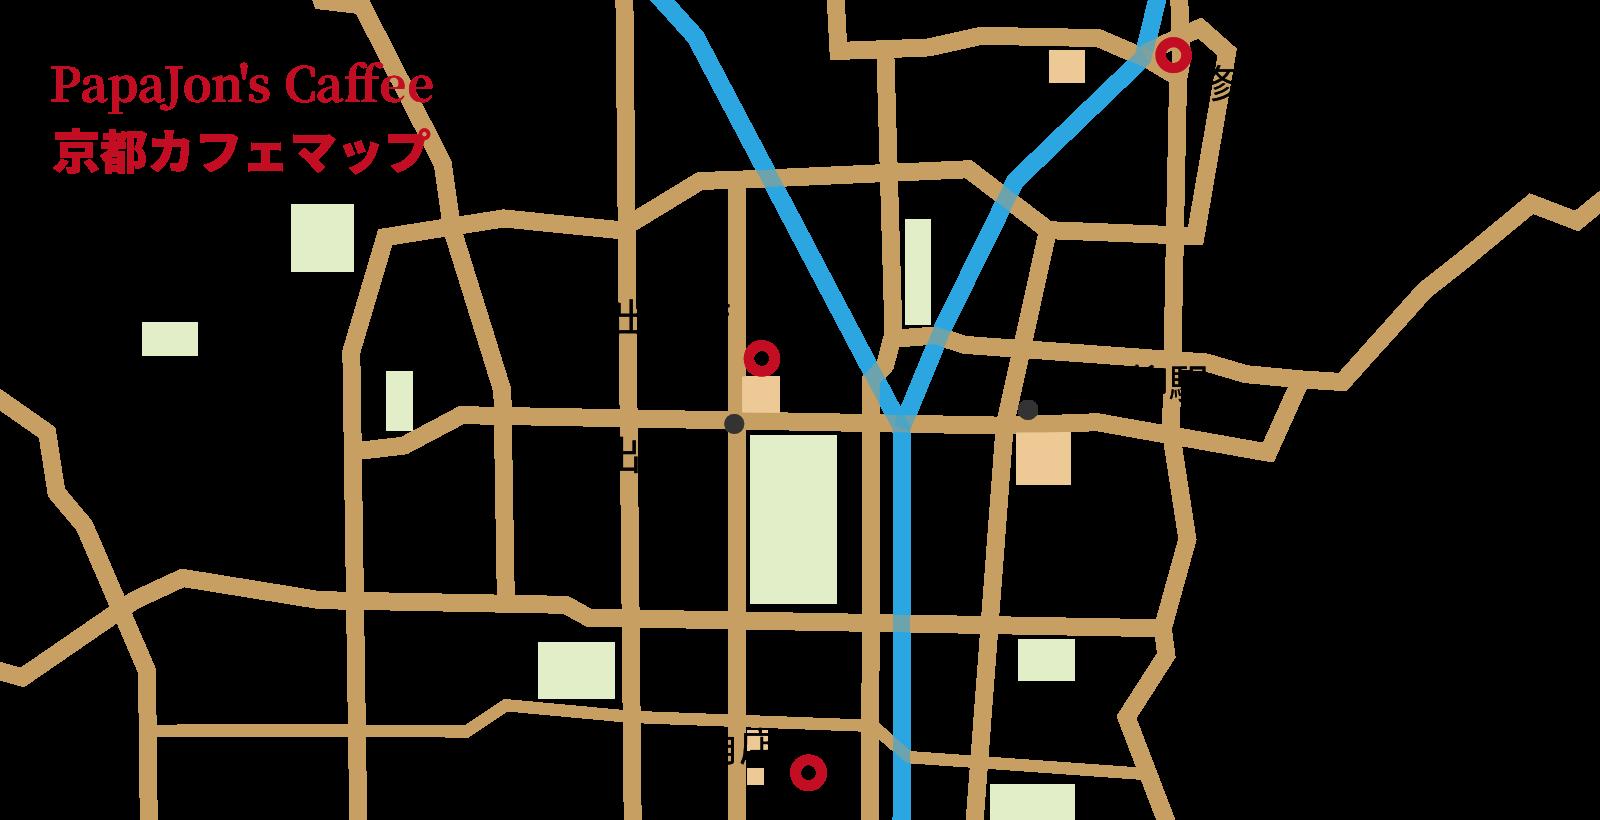 パパジョンズ京都カフェマップ